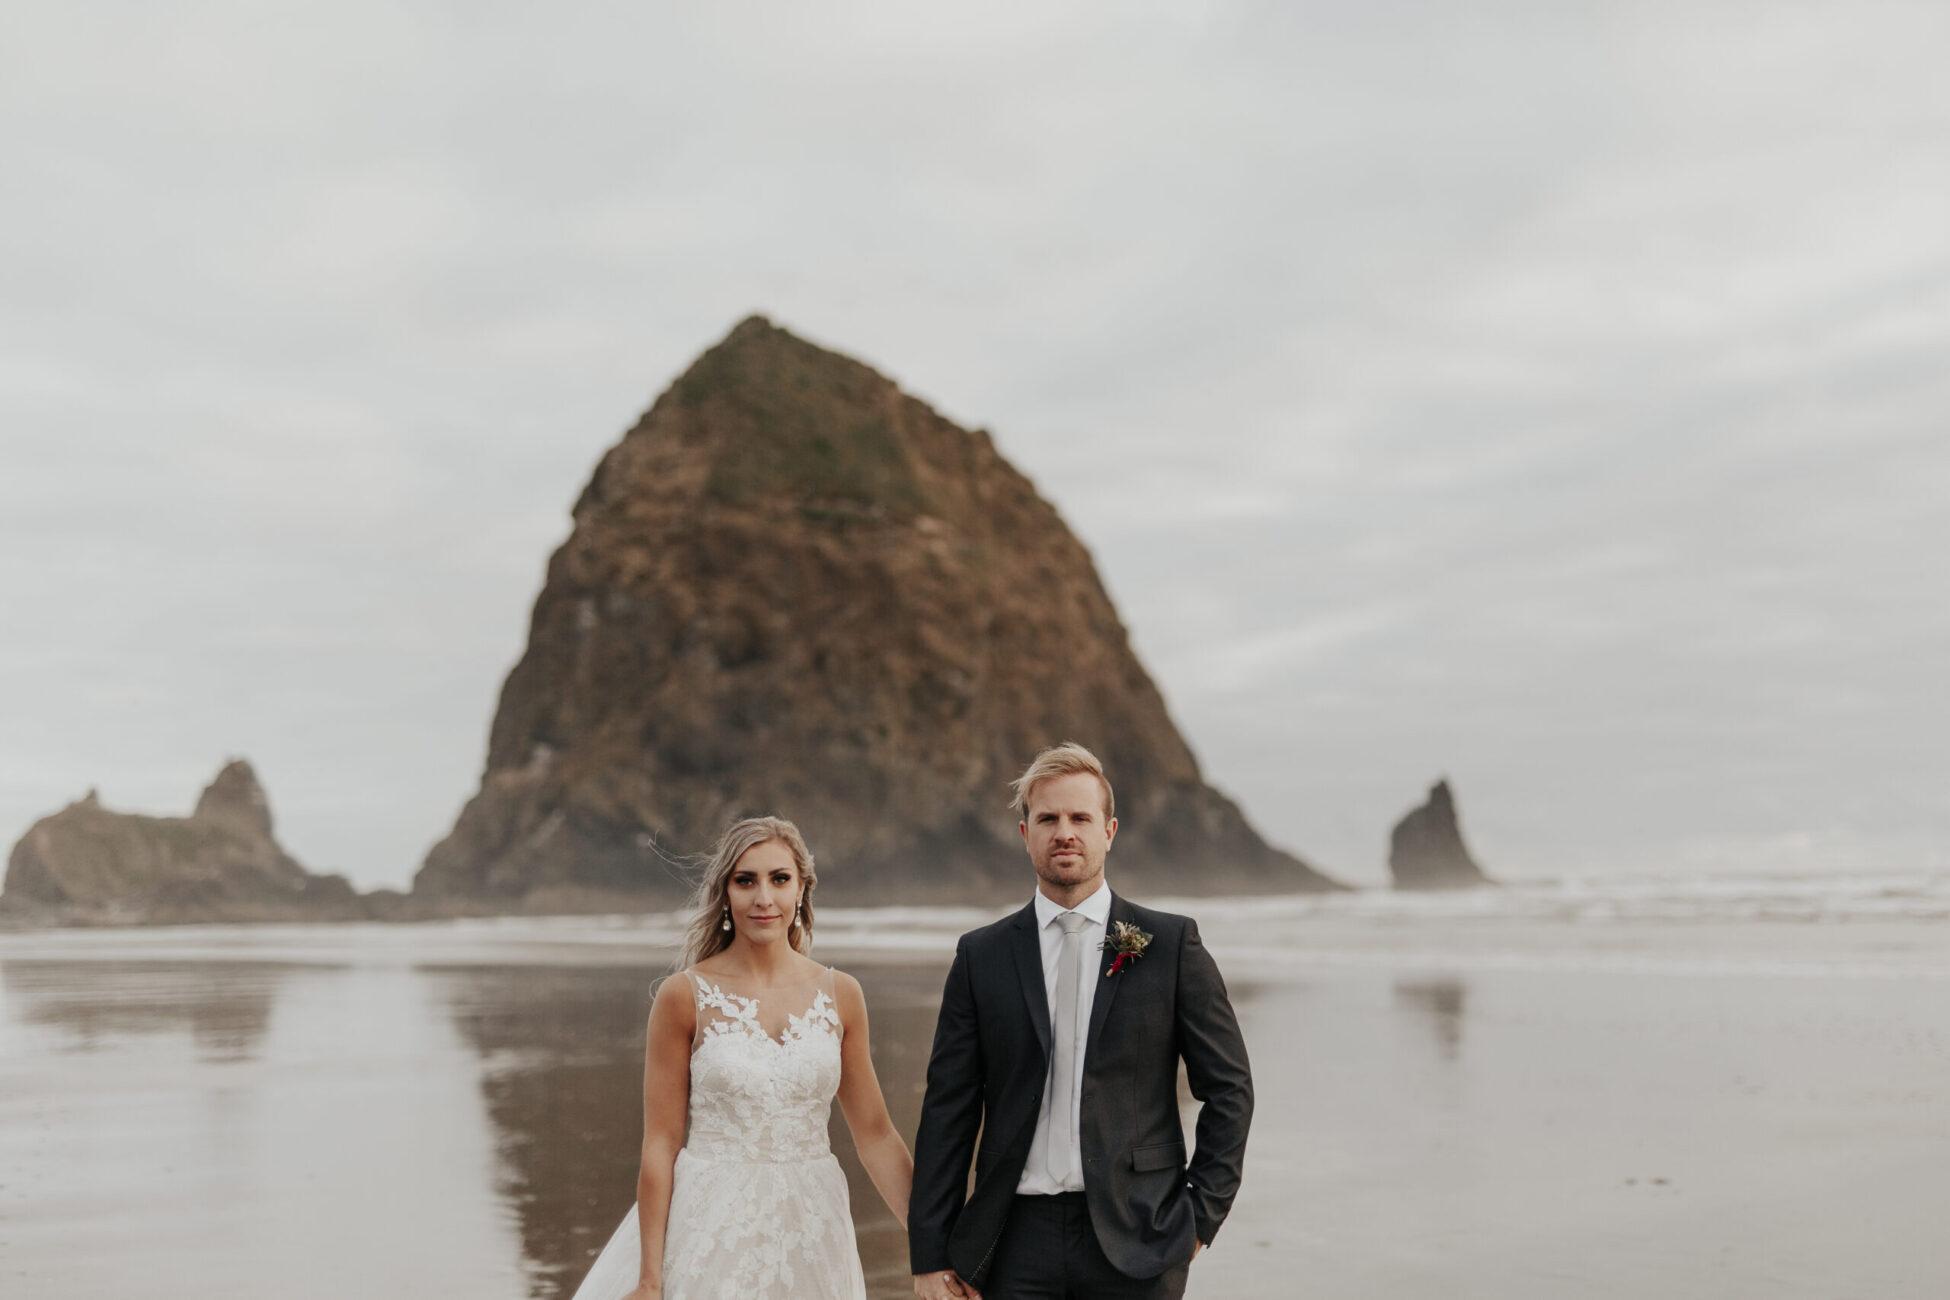 Cannon beach elopement. Elopement photographer.